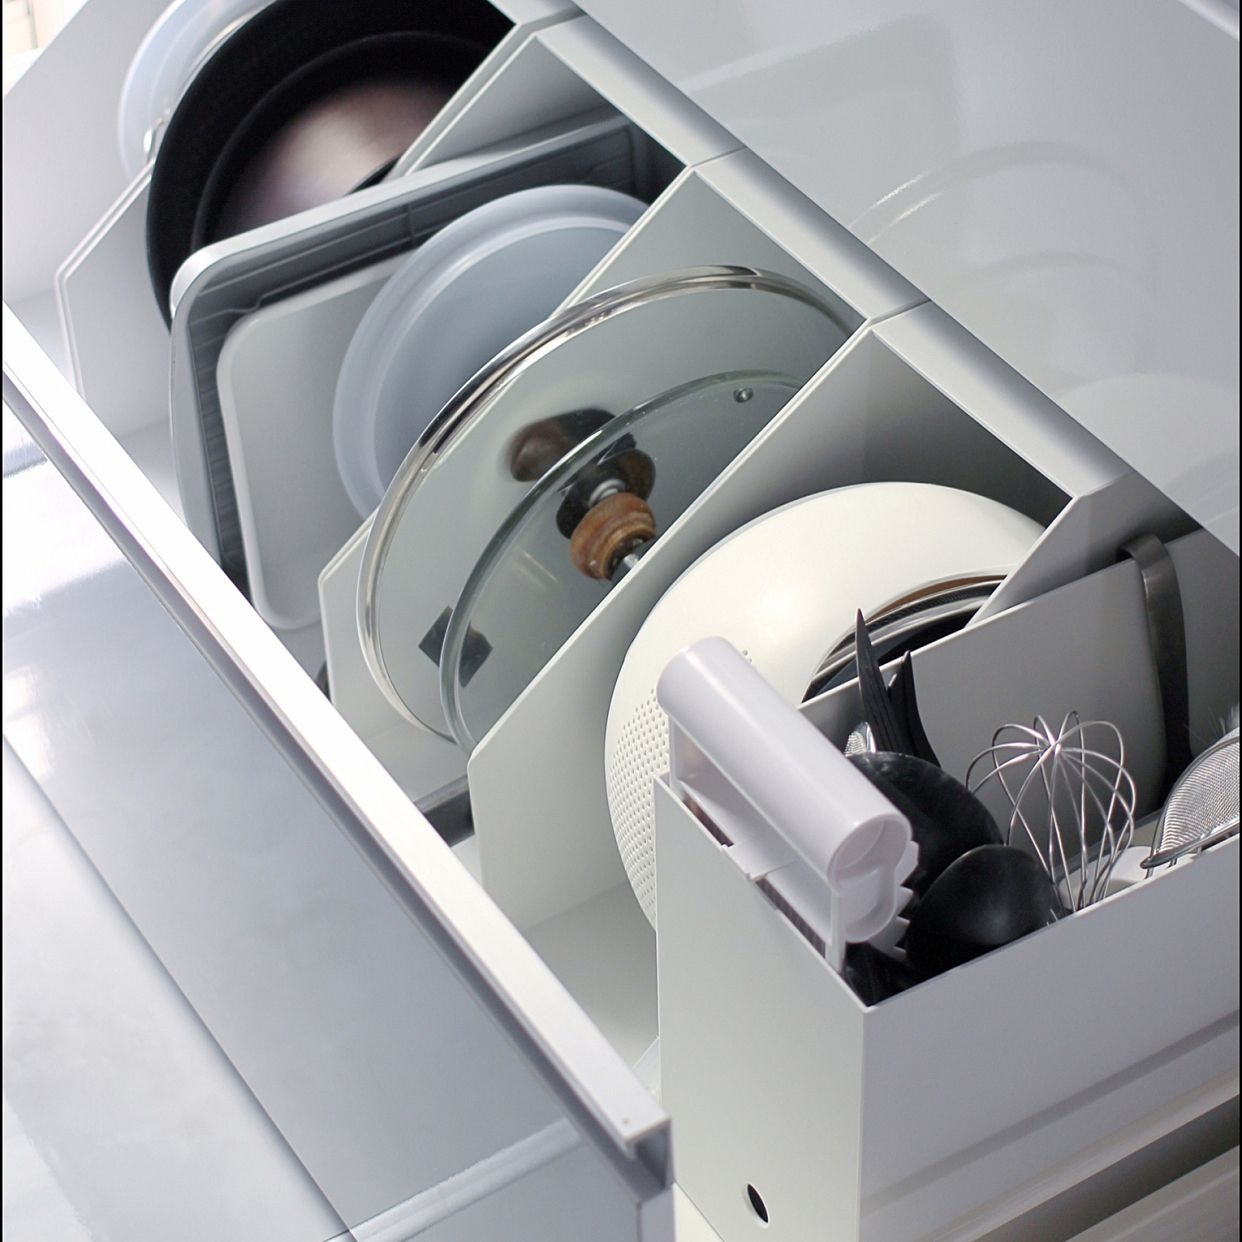 フタなど立てておきたいものの収納に こちらも無印のファイルボックスですが 重さのあるものを入れても安定感がありますね フライパン 収納 収納 収納 アイデア